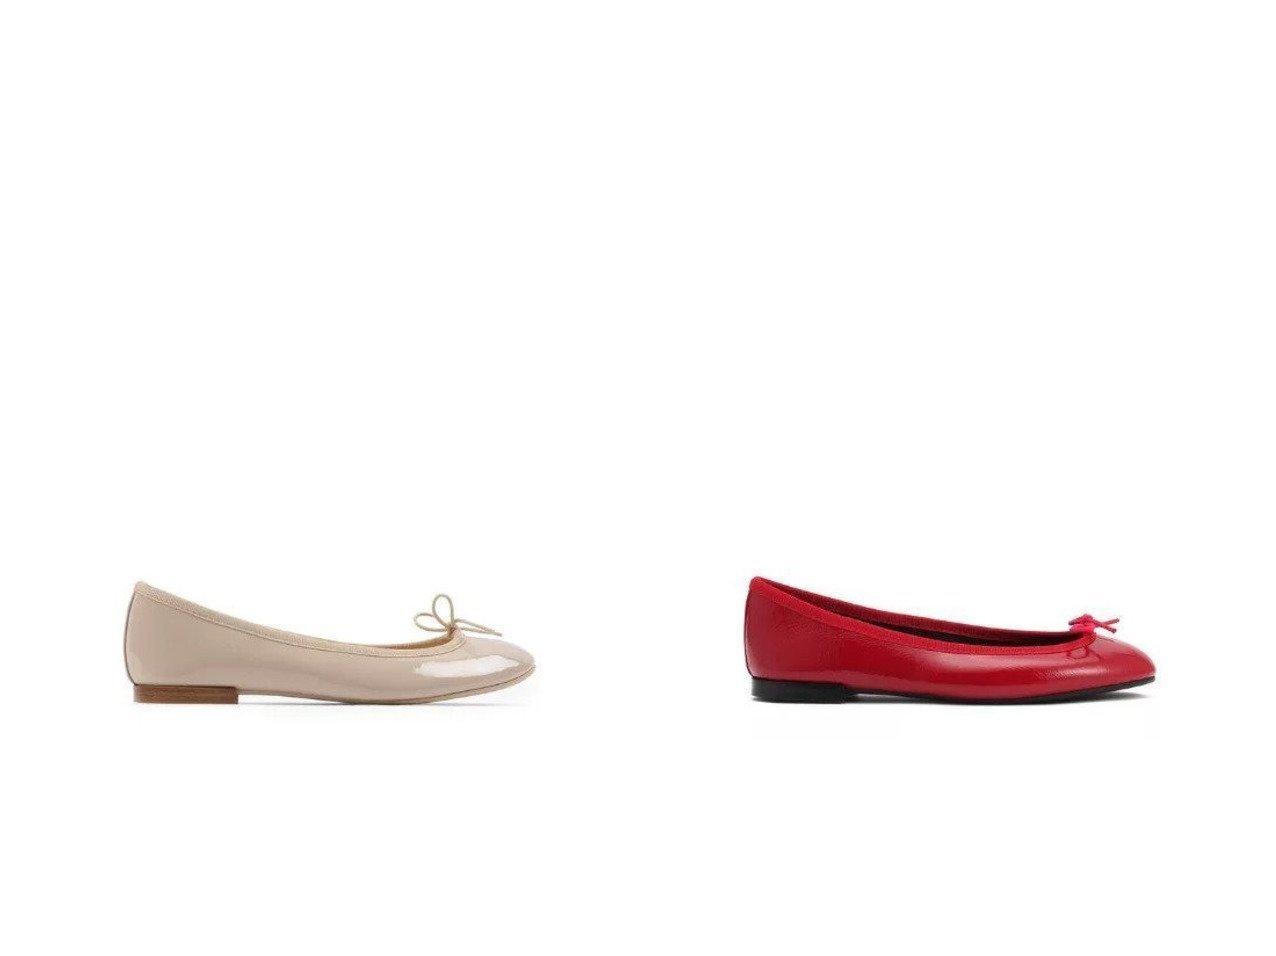 【repetto/レペット】のLili Ballerinas&Lili Ballerinas 【シューズ・靴】おすすめ!人気、トレンド・レディースファッションの通販 おすすめで人気の流行・トレンド、ファッションの通販商品 インテリア・家具・メンズファッション・キッズファッション・レディースファッション・服の通販 founy(ファニー) https://founy.com/ ファッション Fashion レディースファッション WOMEN シューズ シンプル バレエ フラット リボン エレガント ワンポイント |ID:crp329100000046141